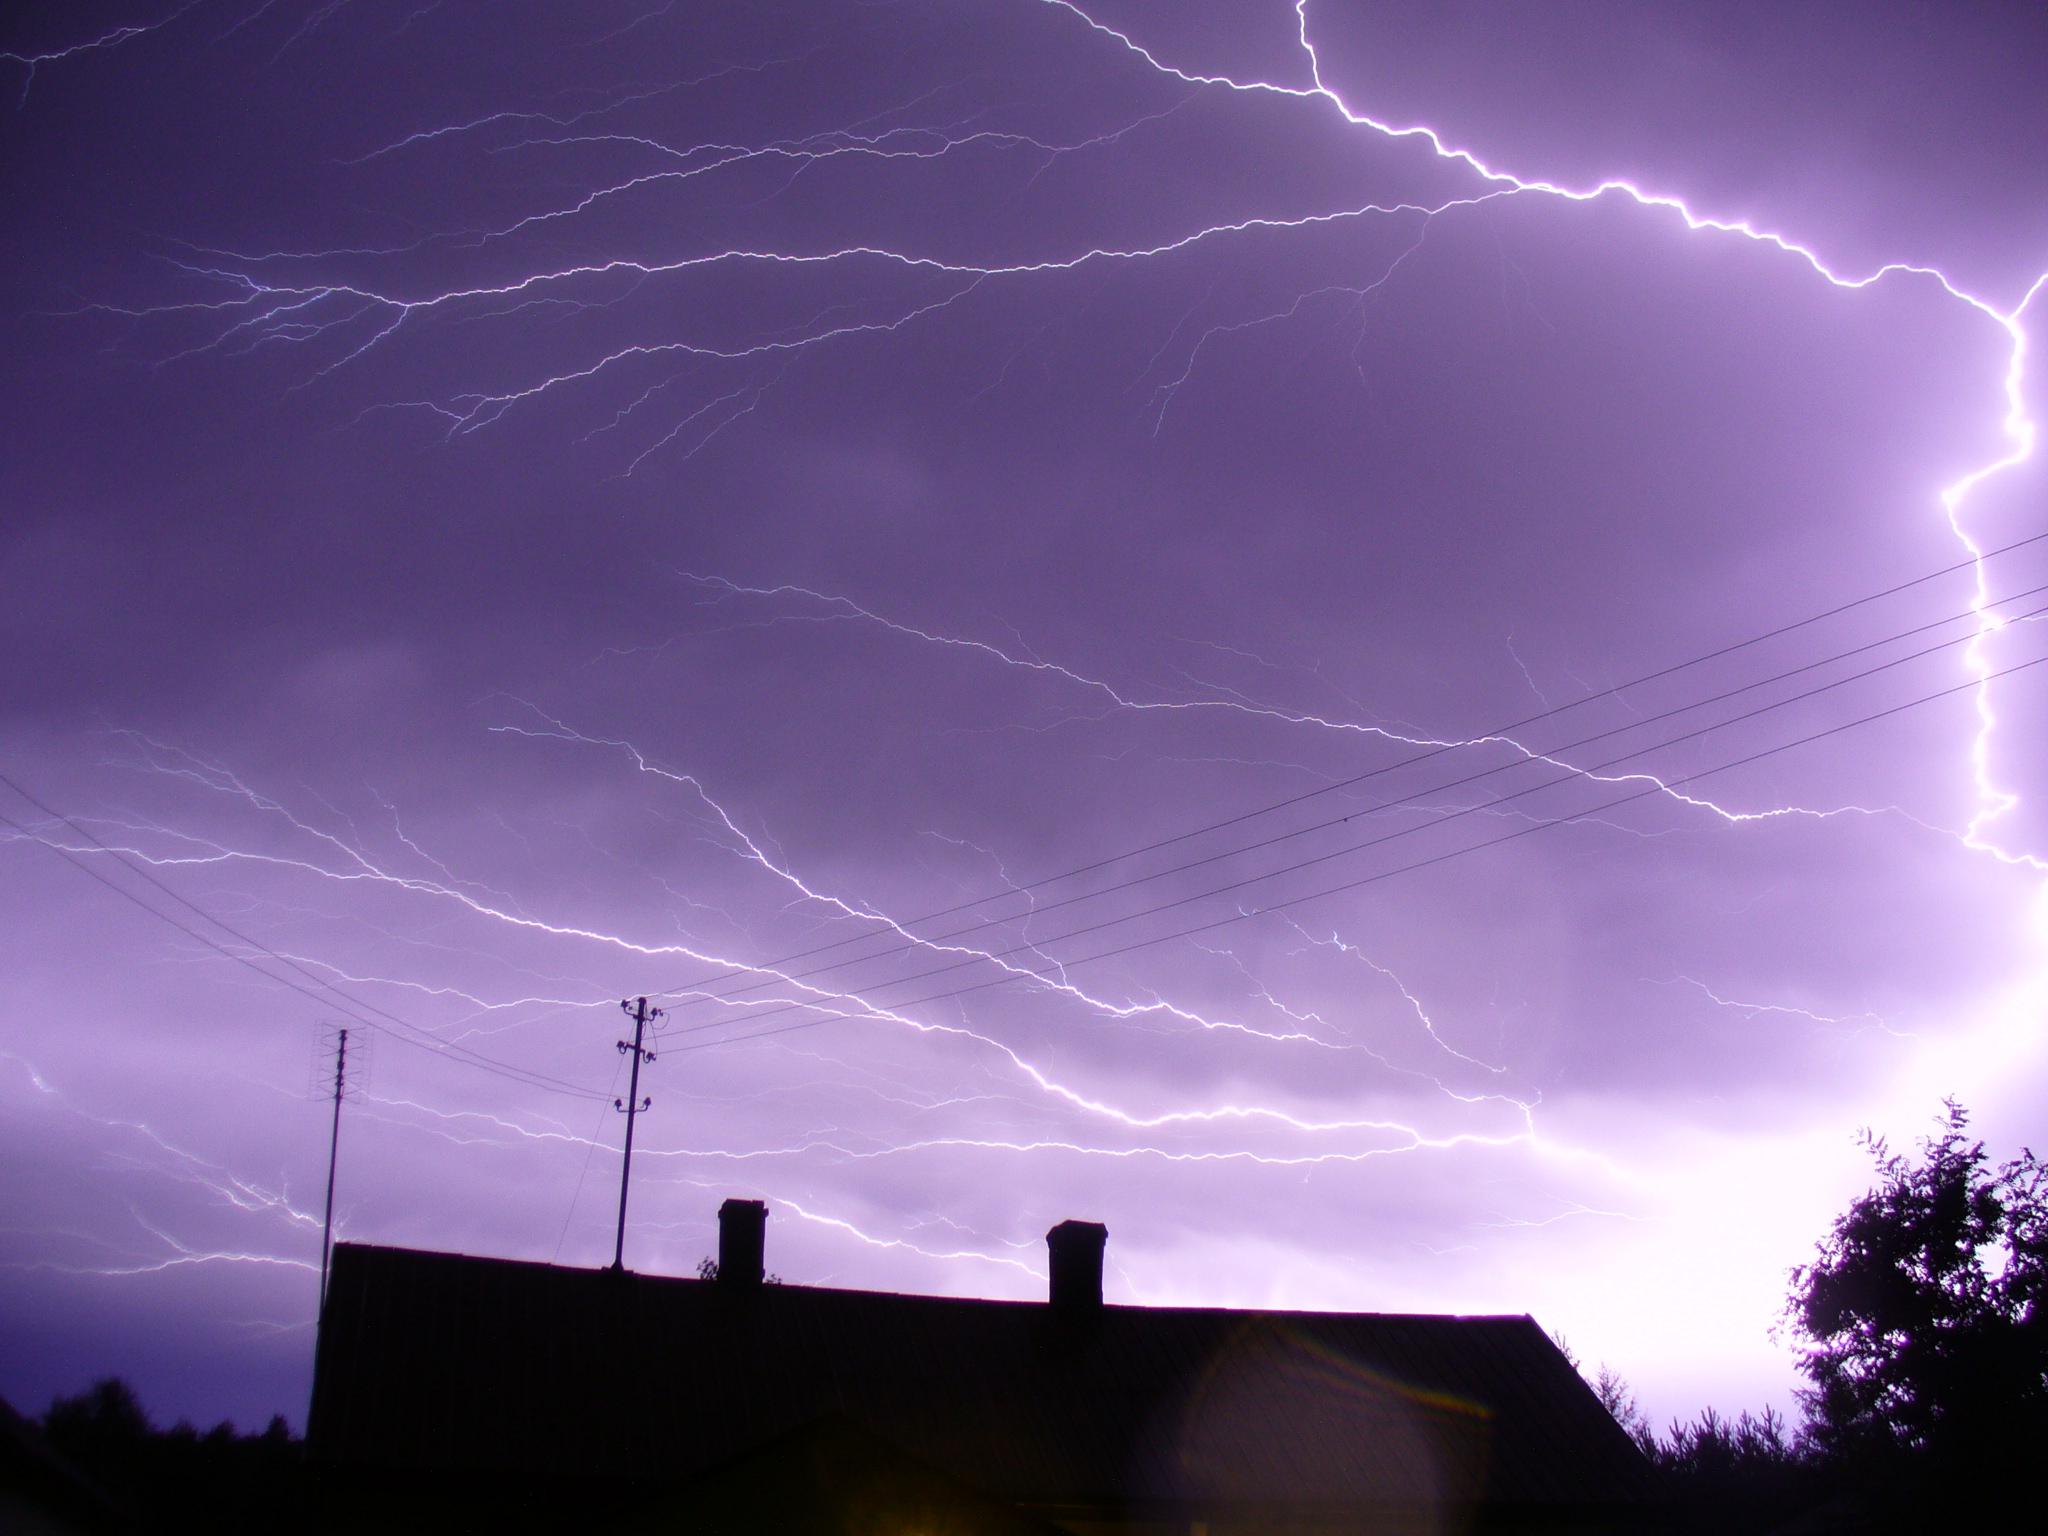 lightning-rod-1